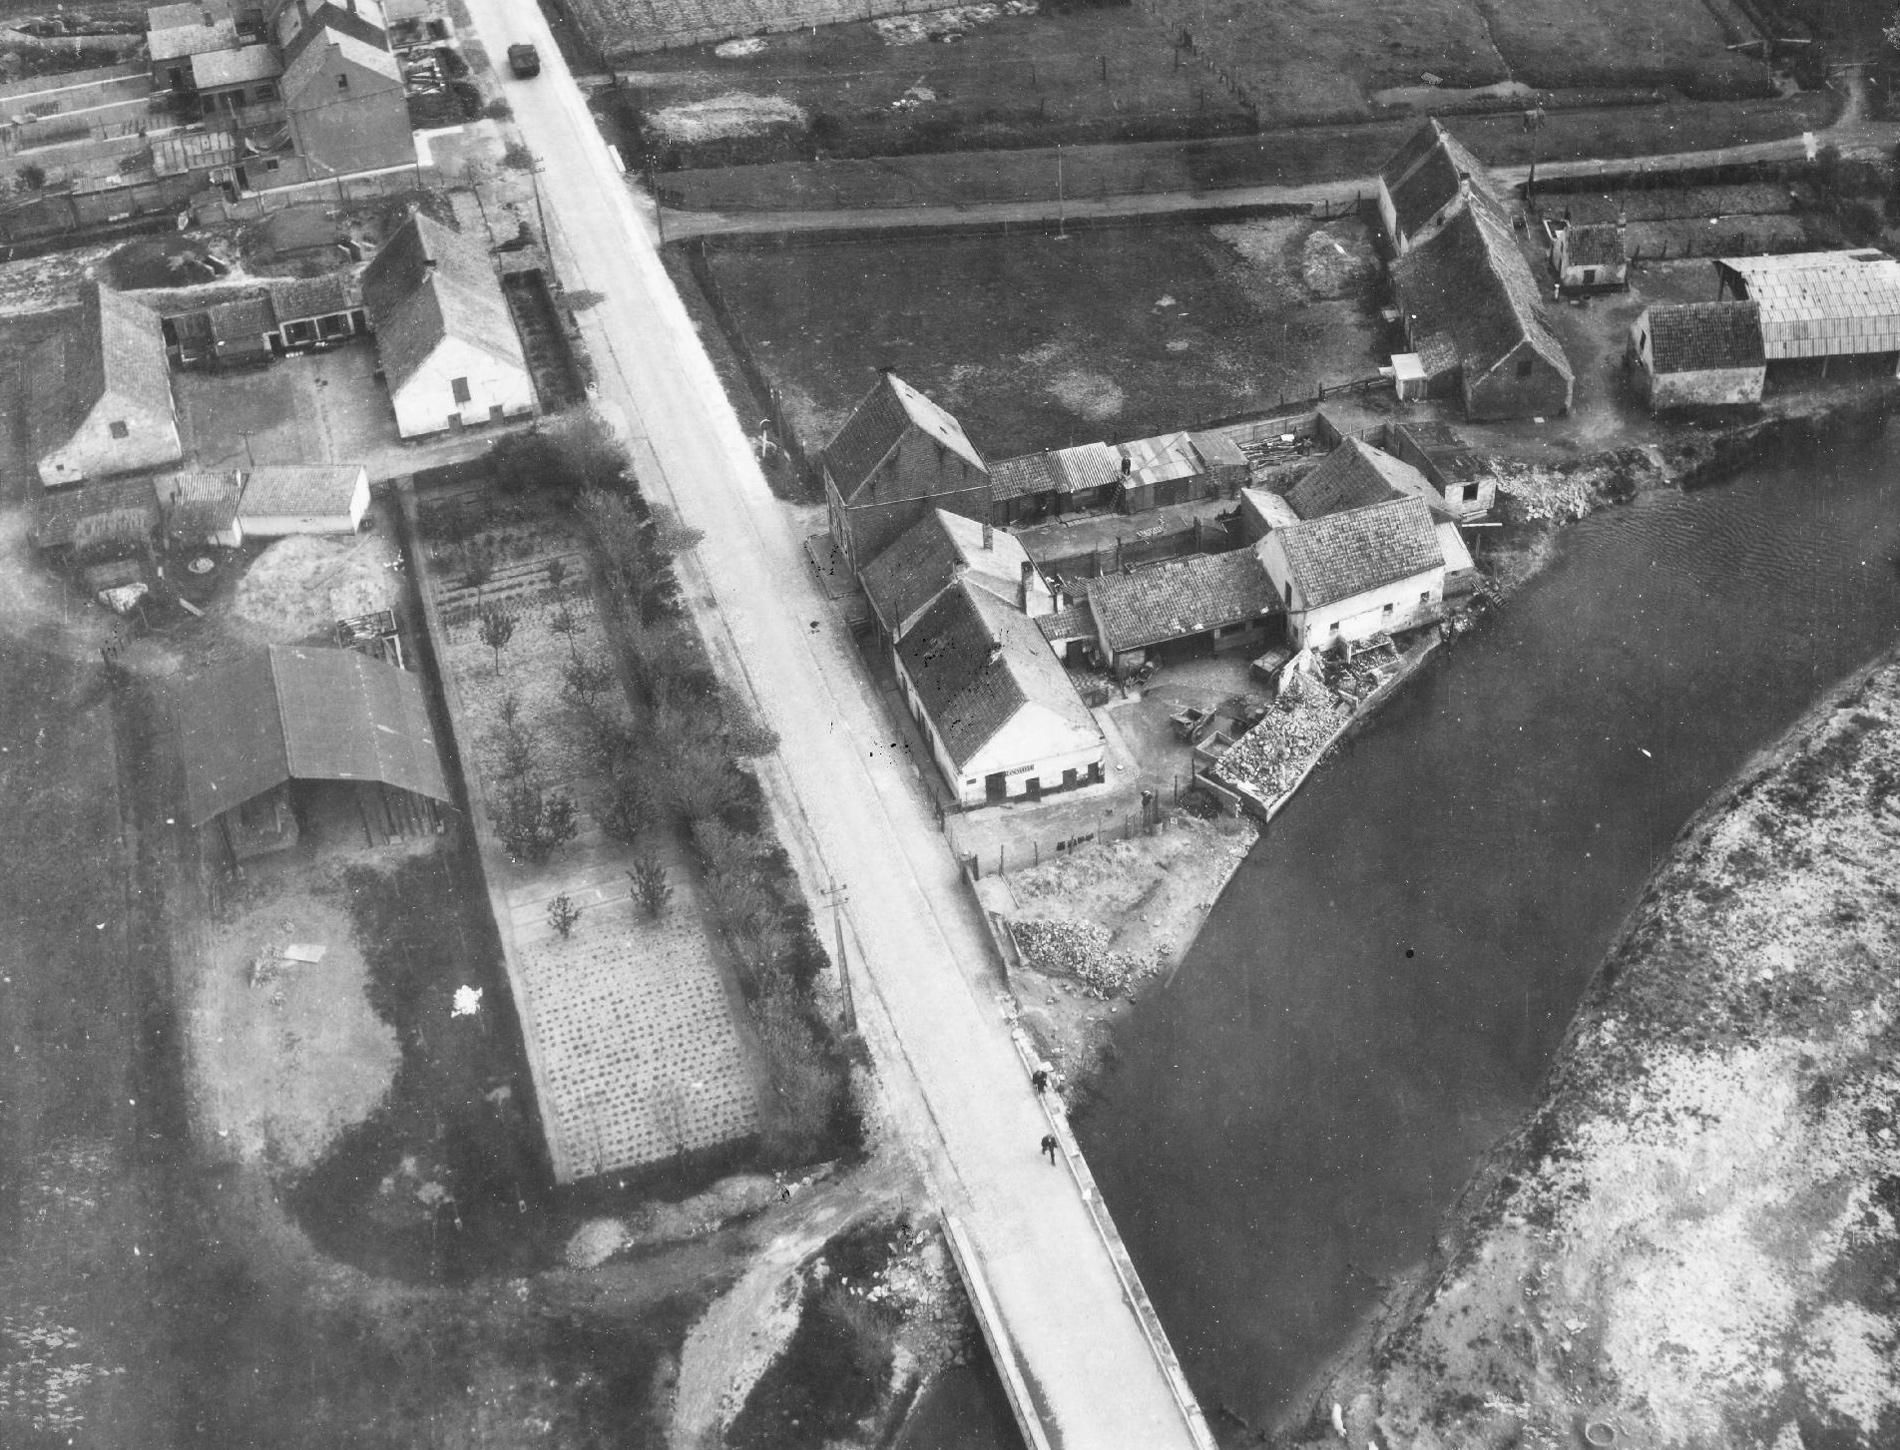 Luftbild der Zandvoordestraat vor der Brücke über den Gauwelozekreek mit Panzer in Ostende (Belgien)